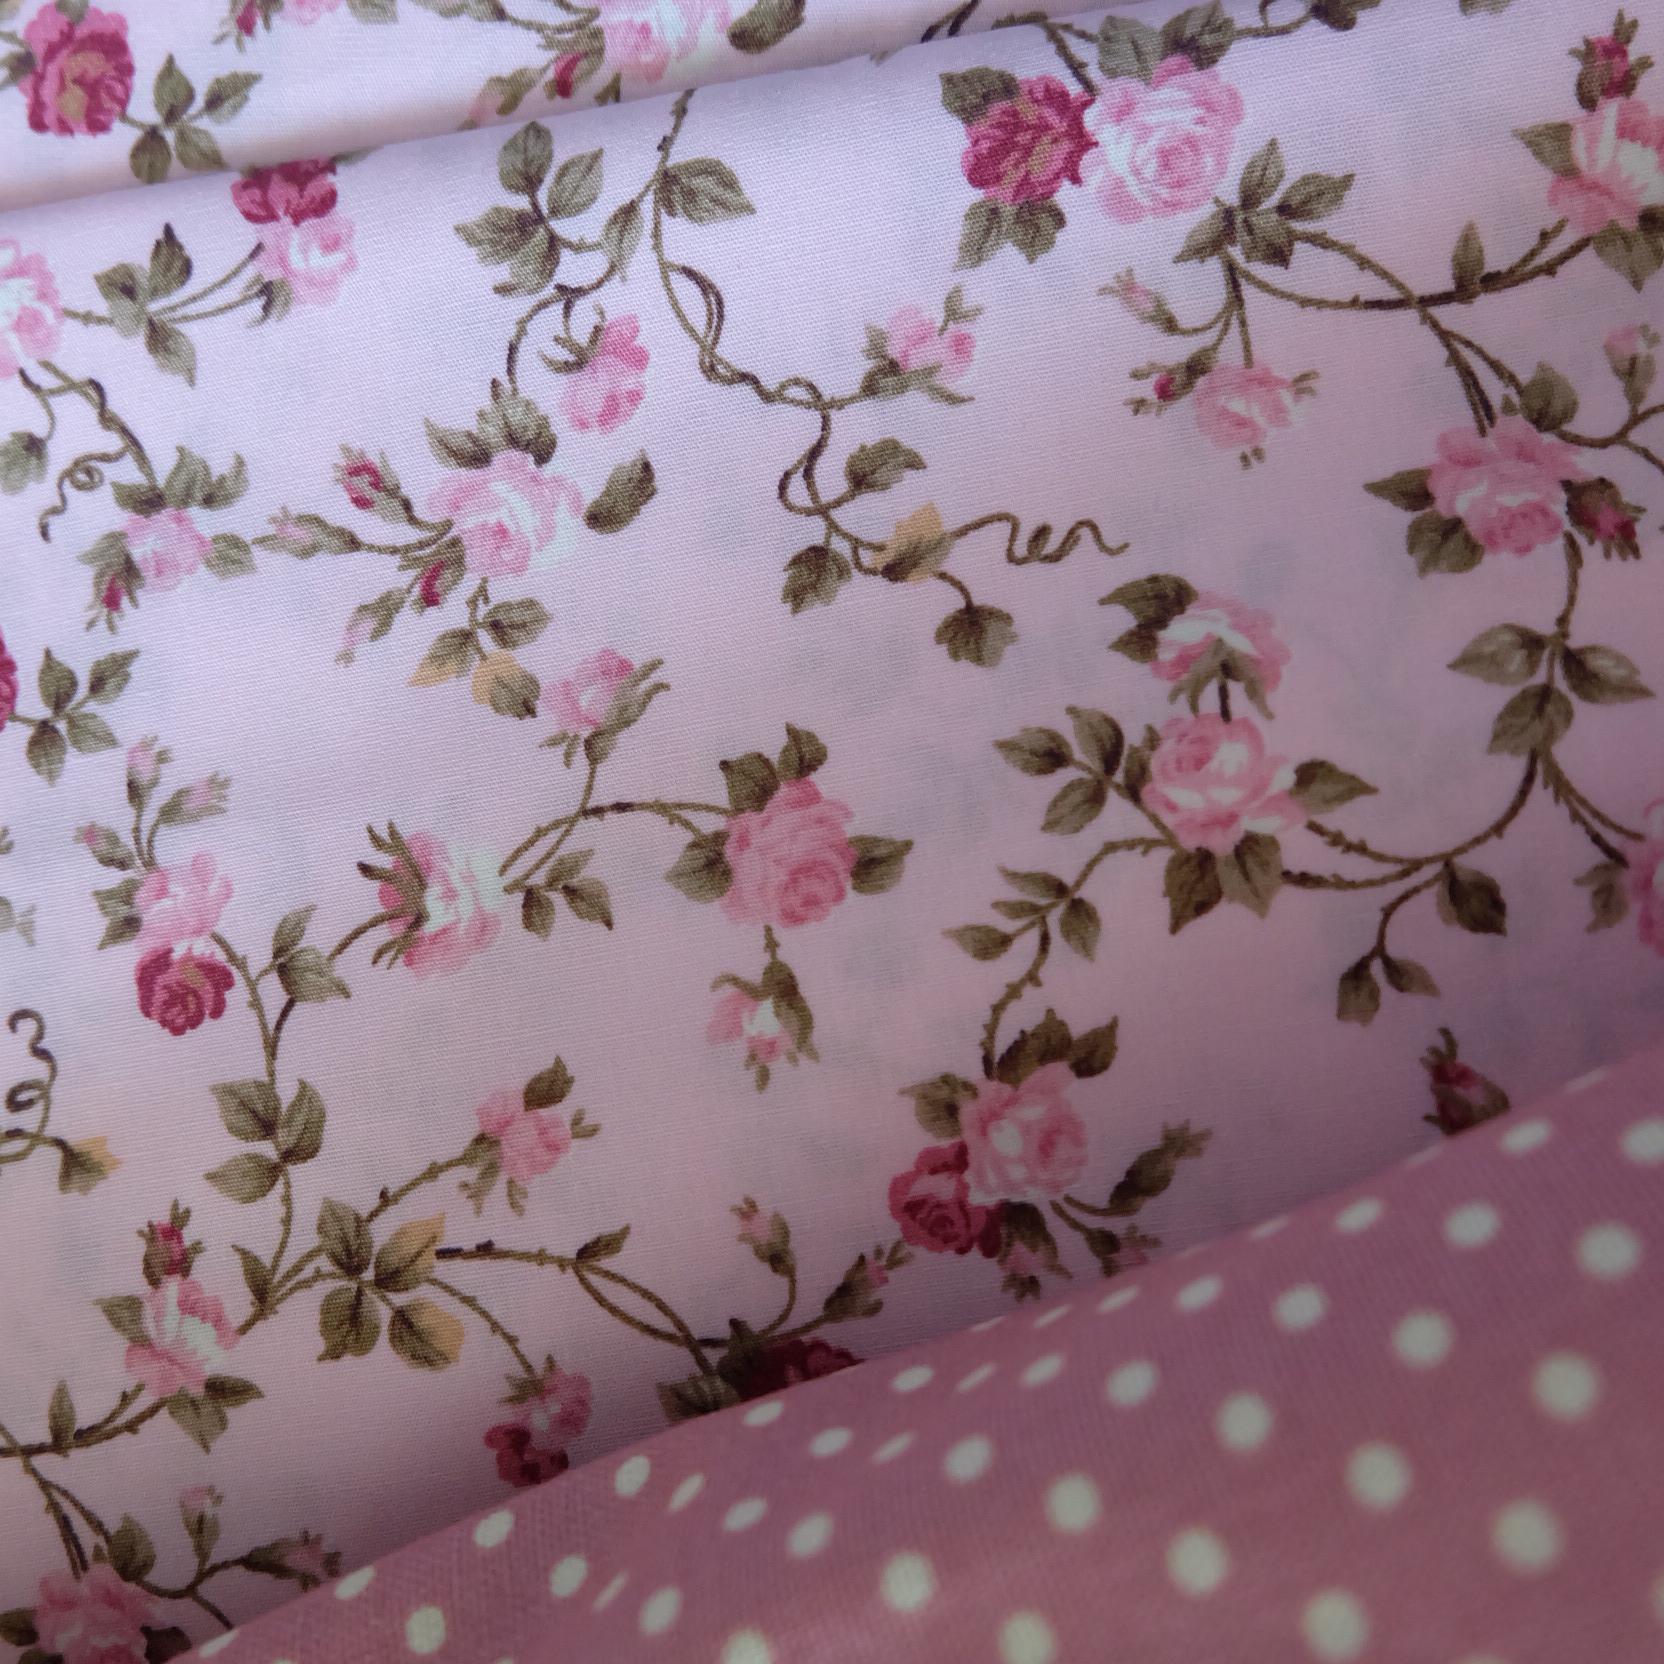 ผ้าคอตตอนไทย 100% 1/4 ม.(50x55ซม.) ลายดอกไม้ พื้นสีชมพู